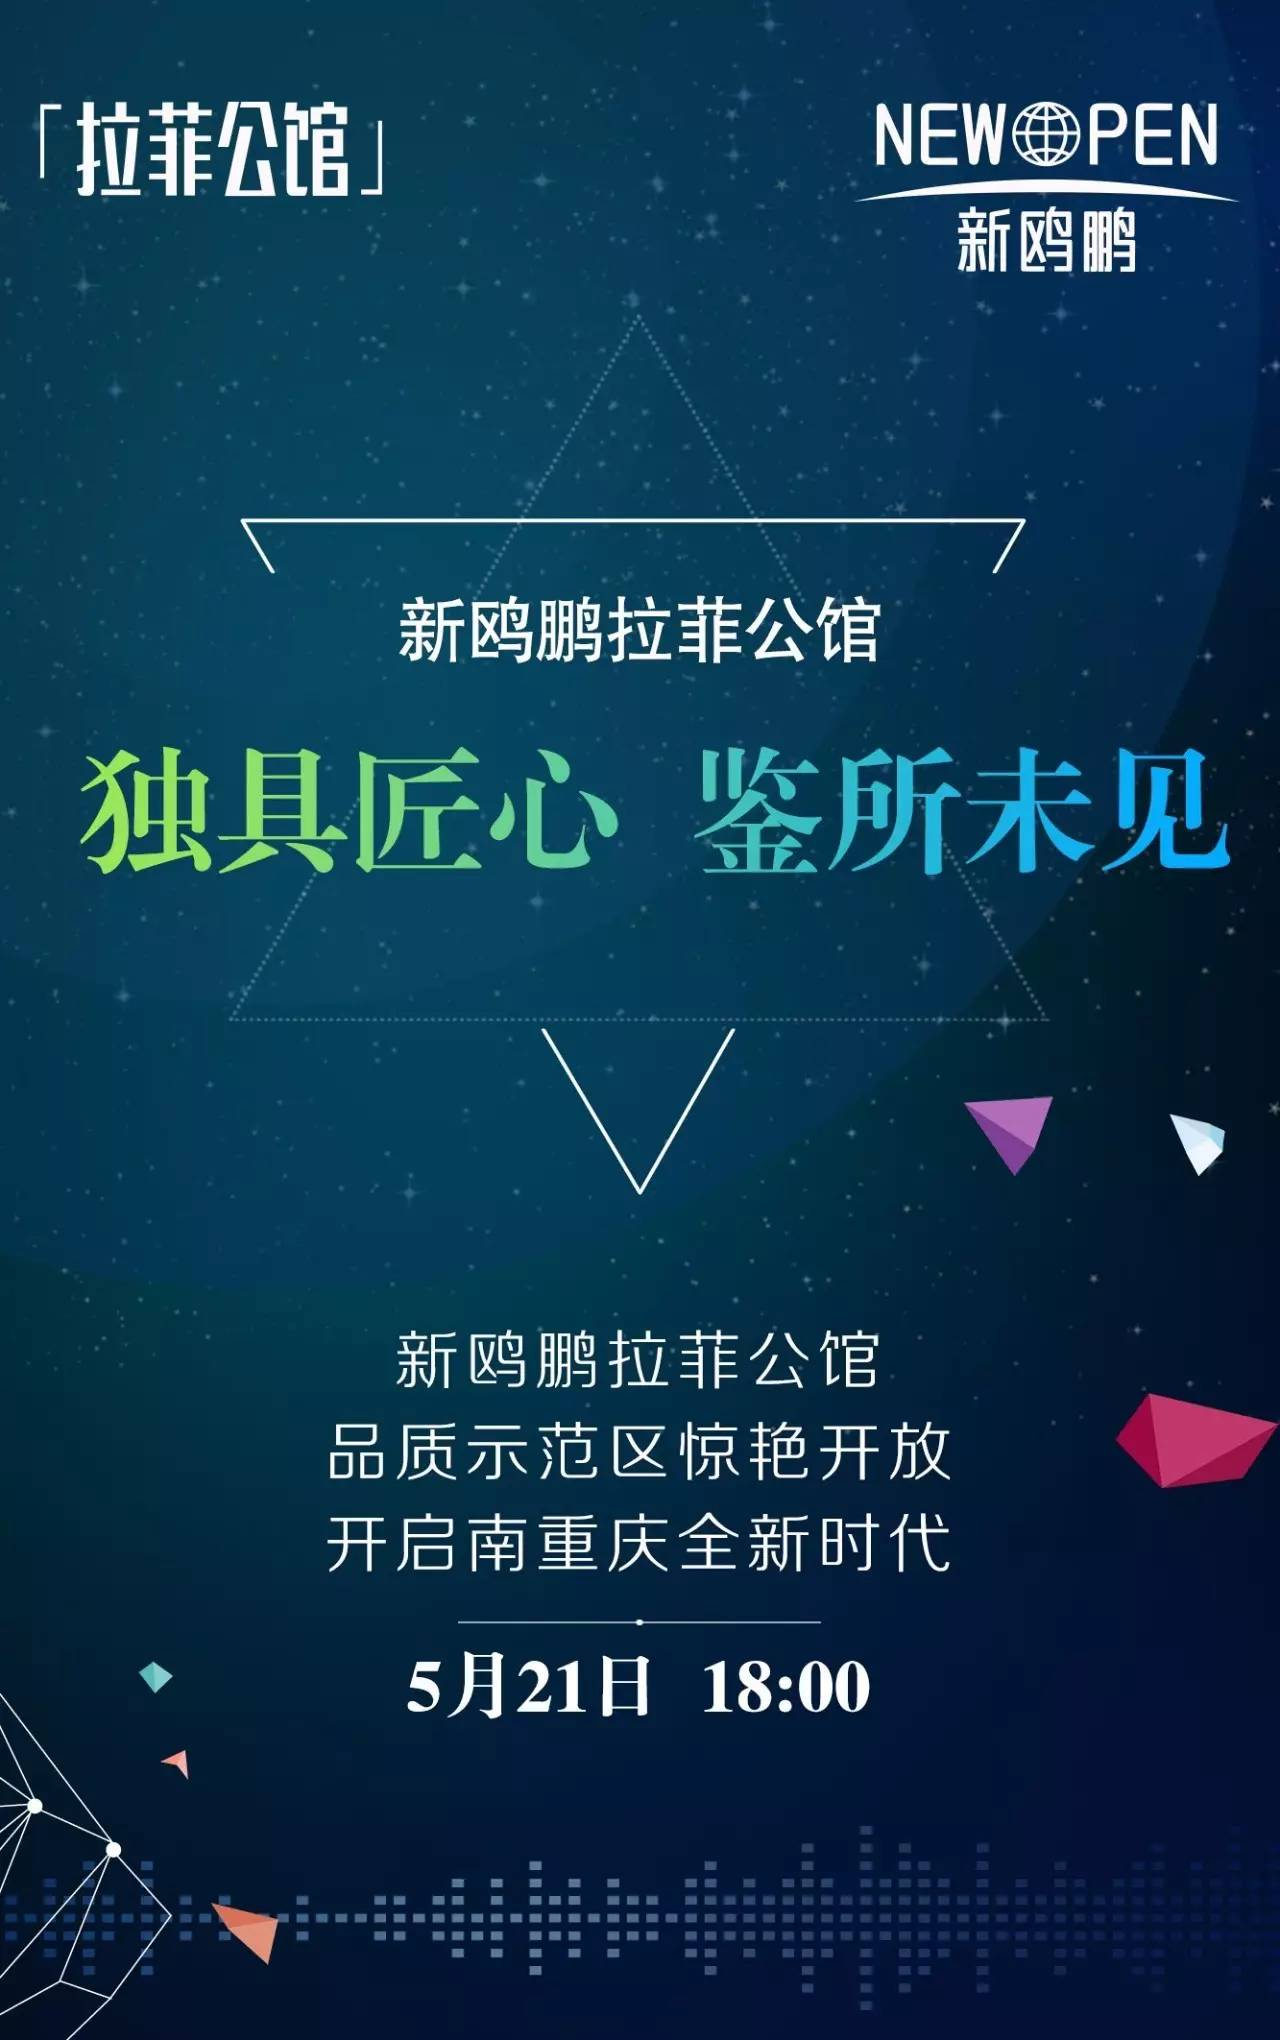 """喜讯园区大型生活配套拉菲公馆品质示范区今晚惊艳"""""""